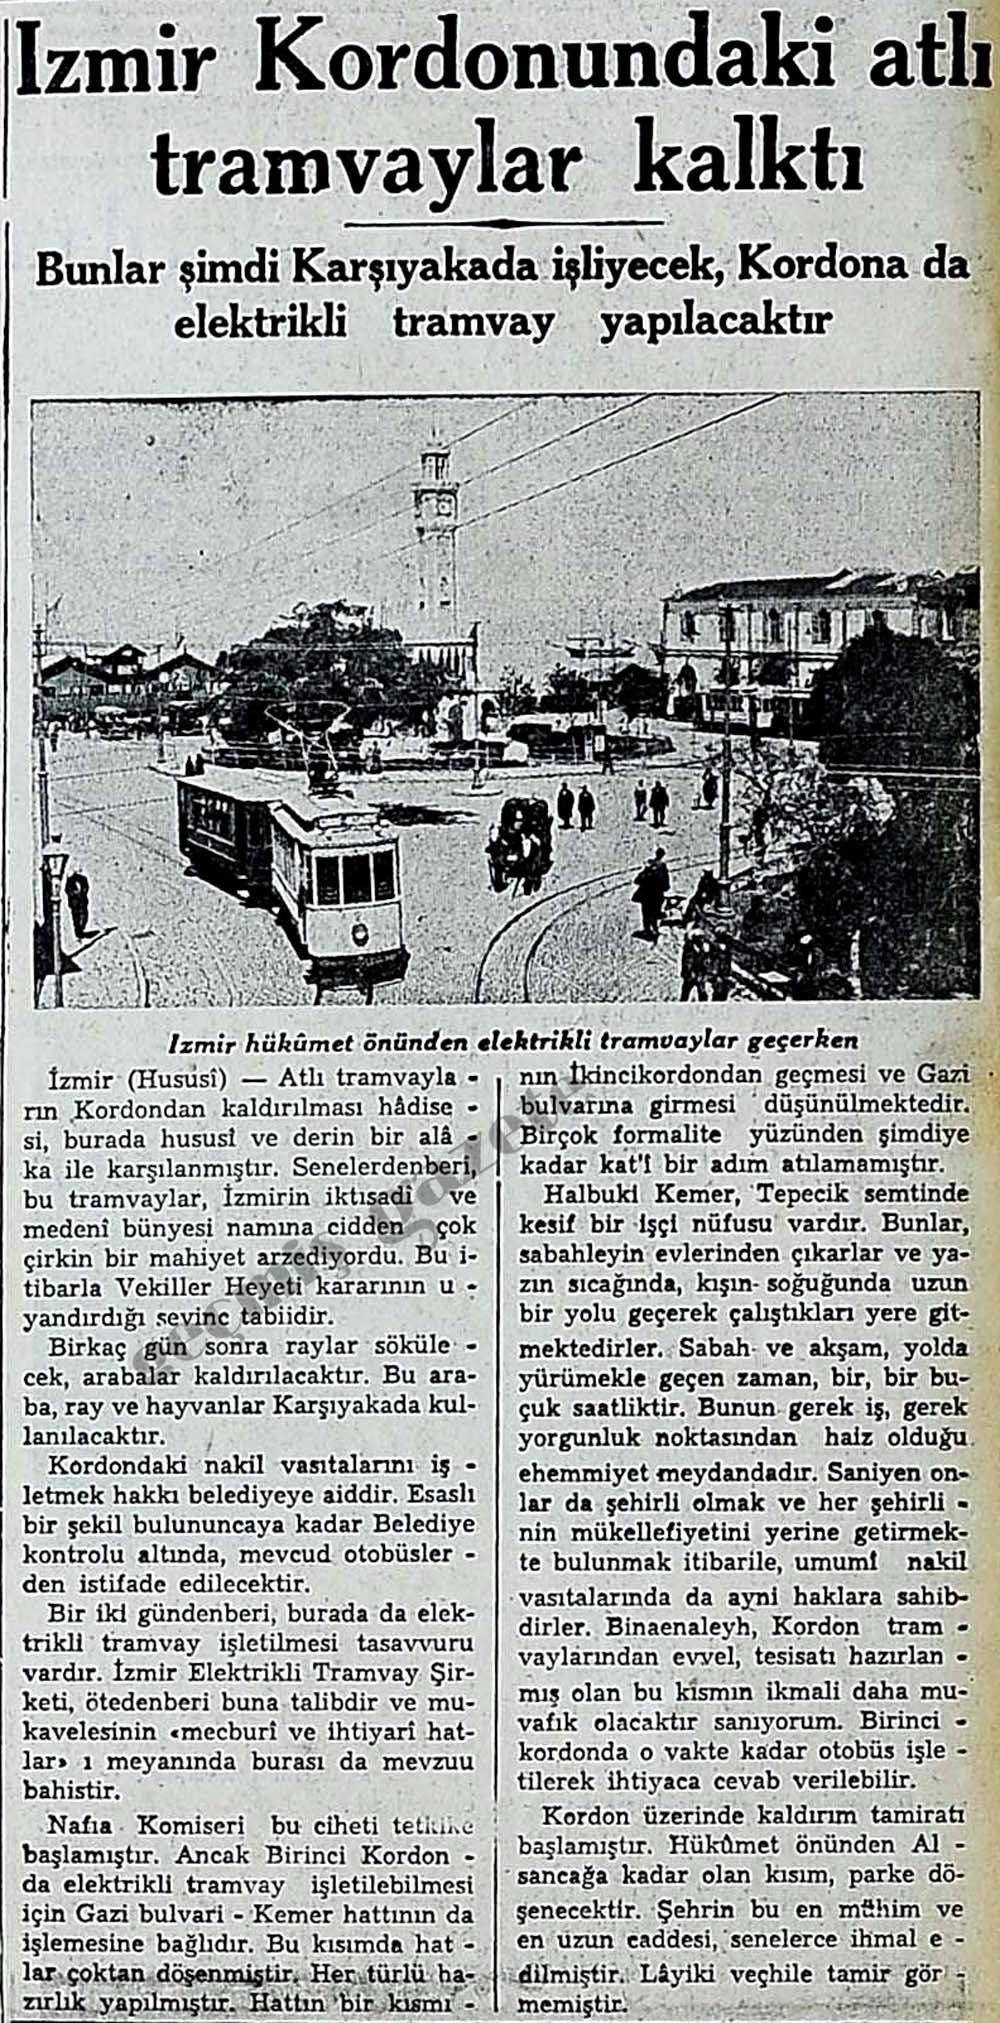 İzmir Kordonundaki atlı tramvaylar kalktı